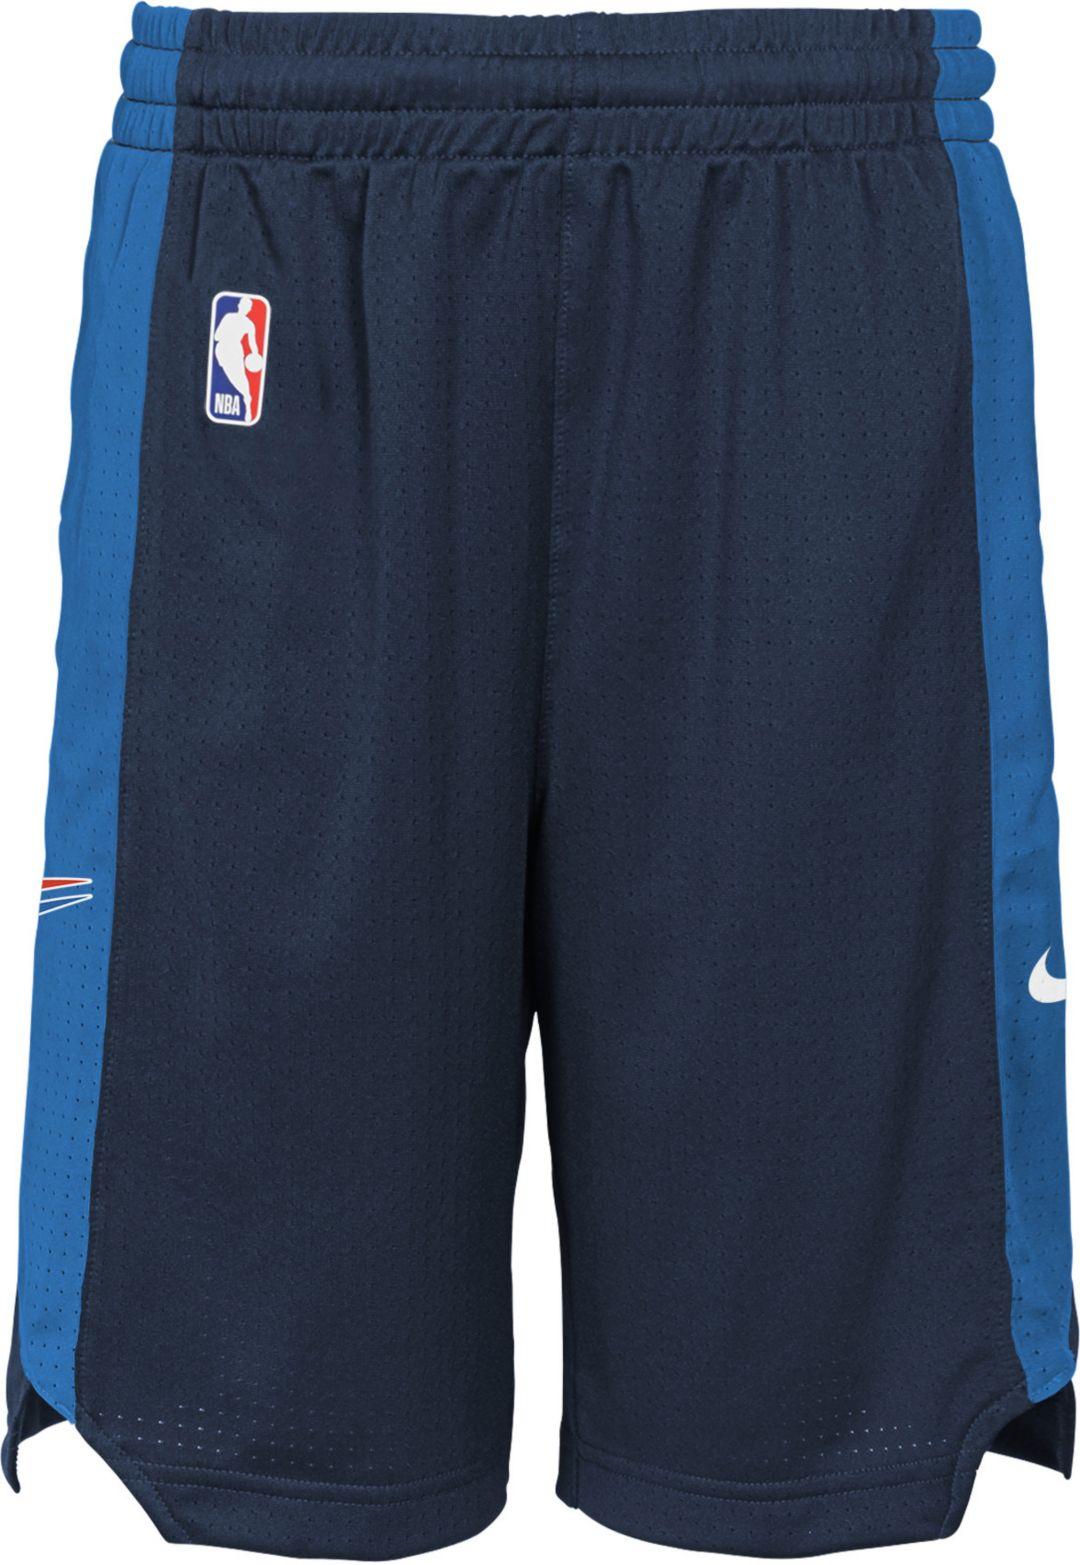 online store 8ec21 aa8e8 Nike Youth Oklahoma City Thunder Practice Shorts